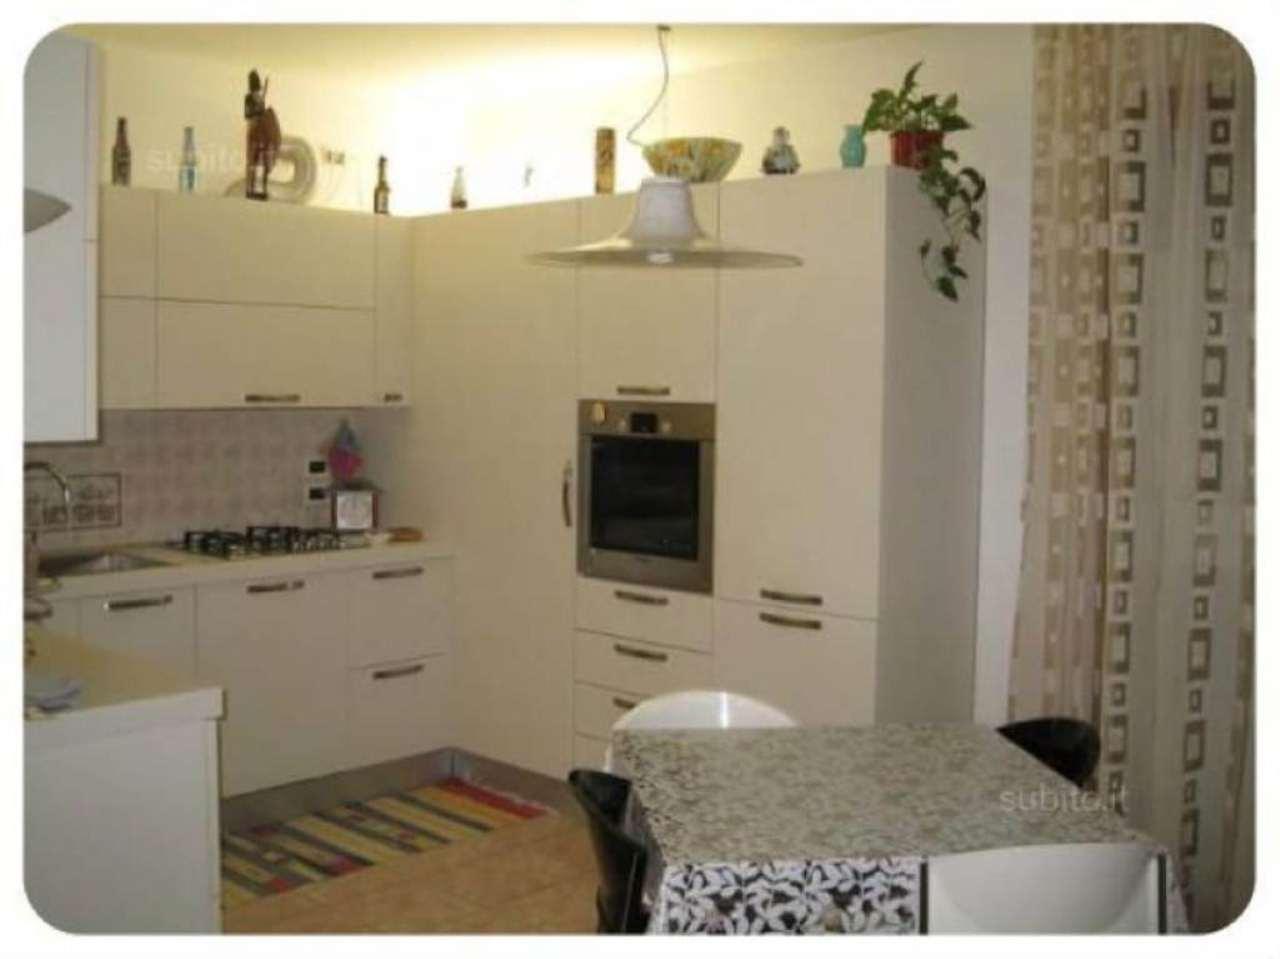 Appartamento in vendita a Castelfranco Veneto, 2 locali, prezzo € 115.000 | Cambio Casa.it